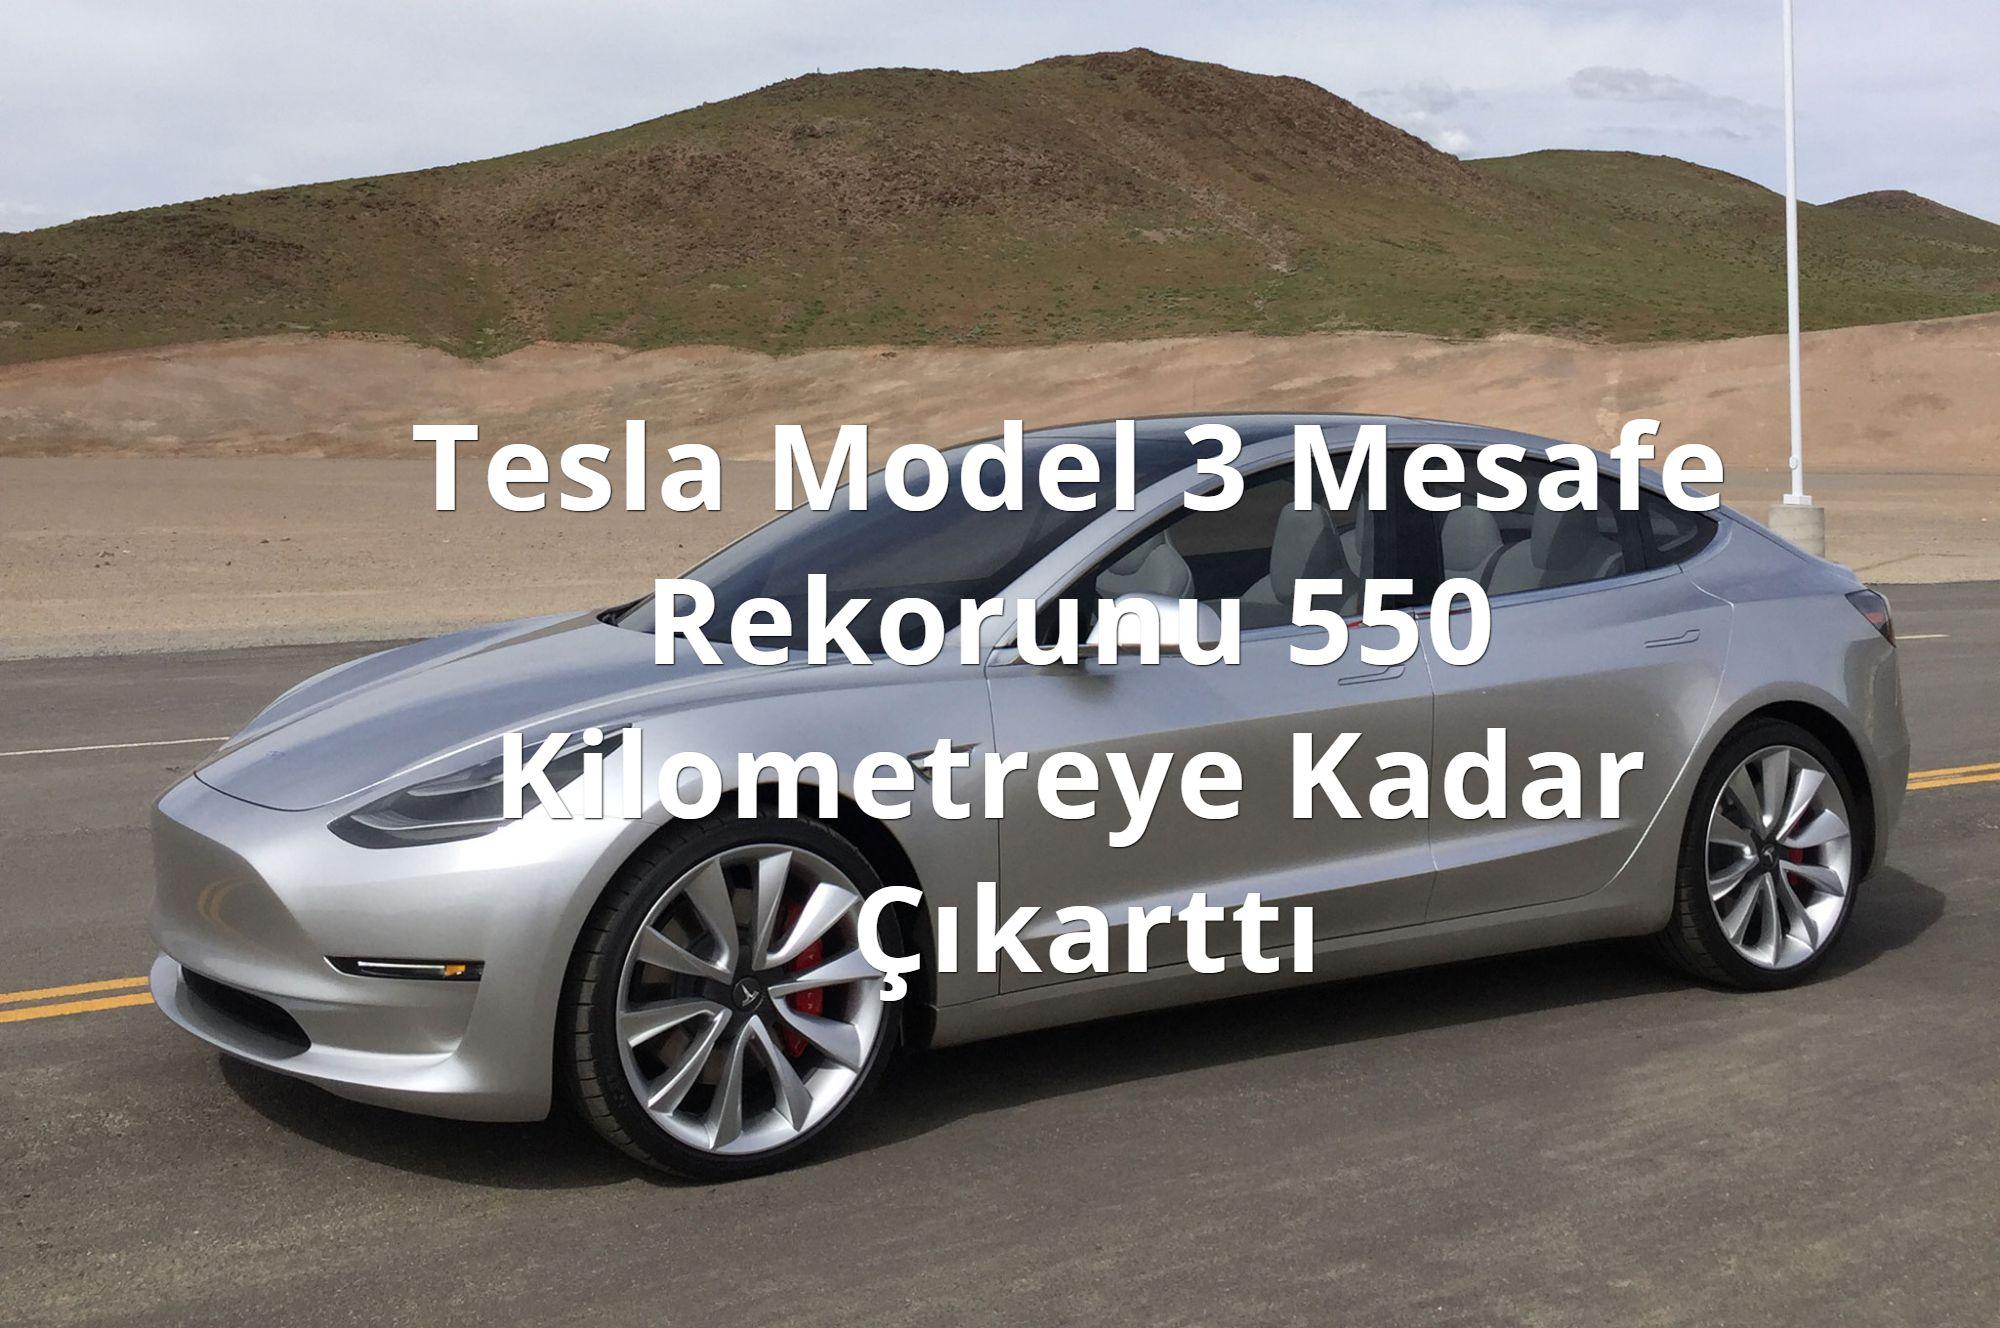 Tesla Model 3 Mesafe Rekorunu 550 Kilometreye Kadar Çıkarttı